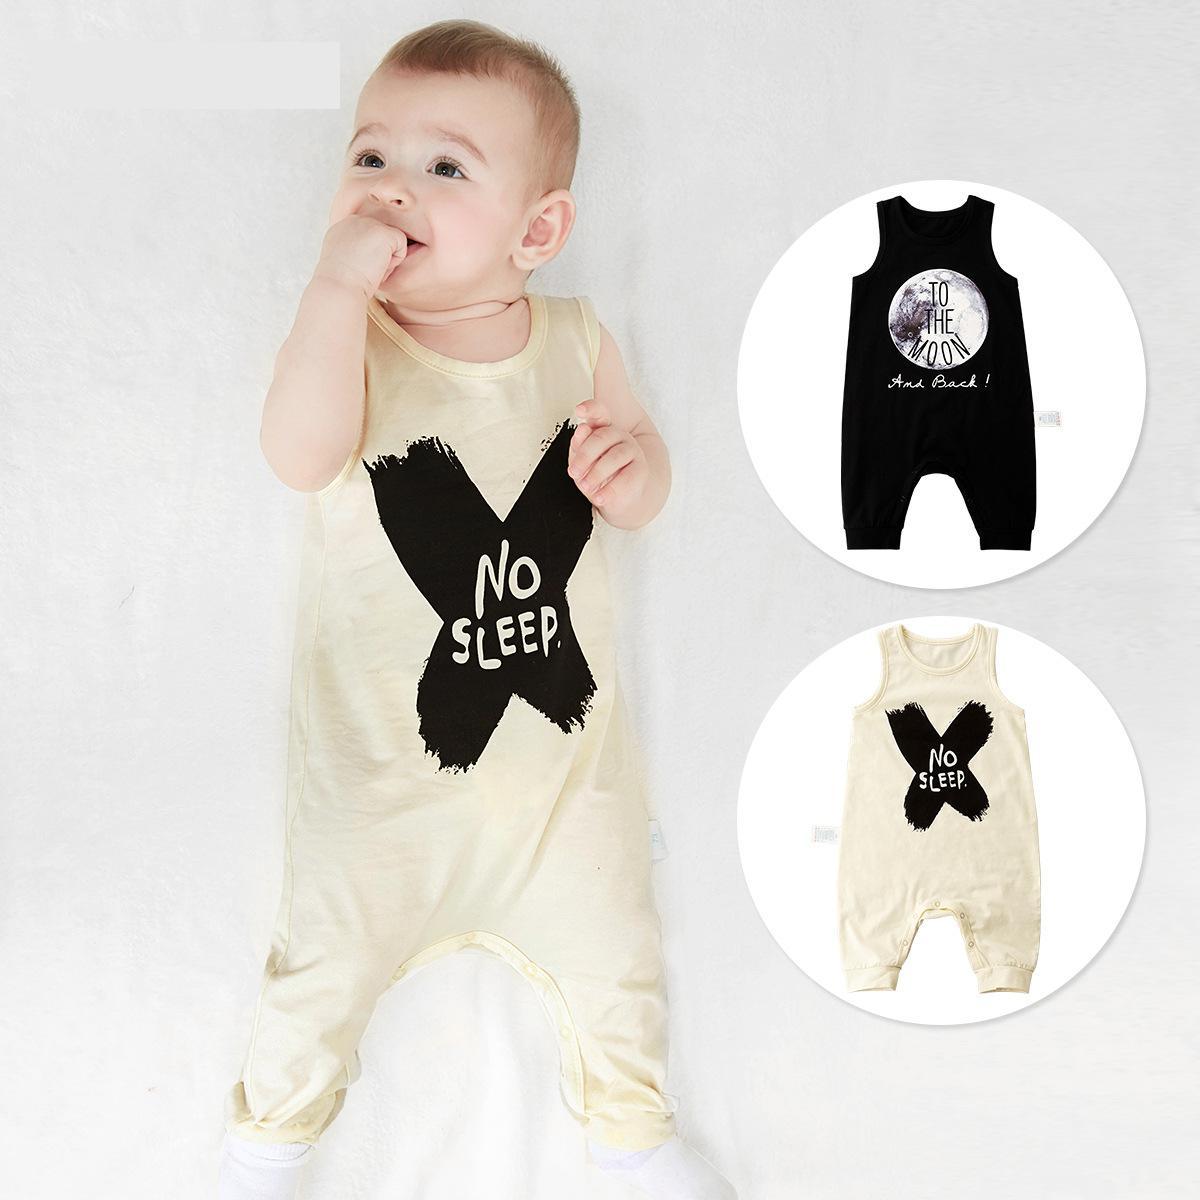 Cool nouveau-né vêtements garçons bébé été nouveau-né ouvert bébé vêtements gilet combinaisons bébé garçon barboteuse Roupa Infantil tout-petit